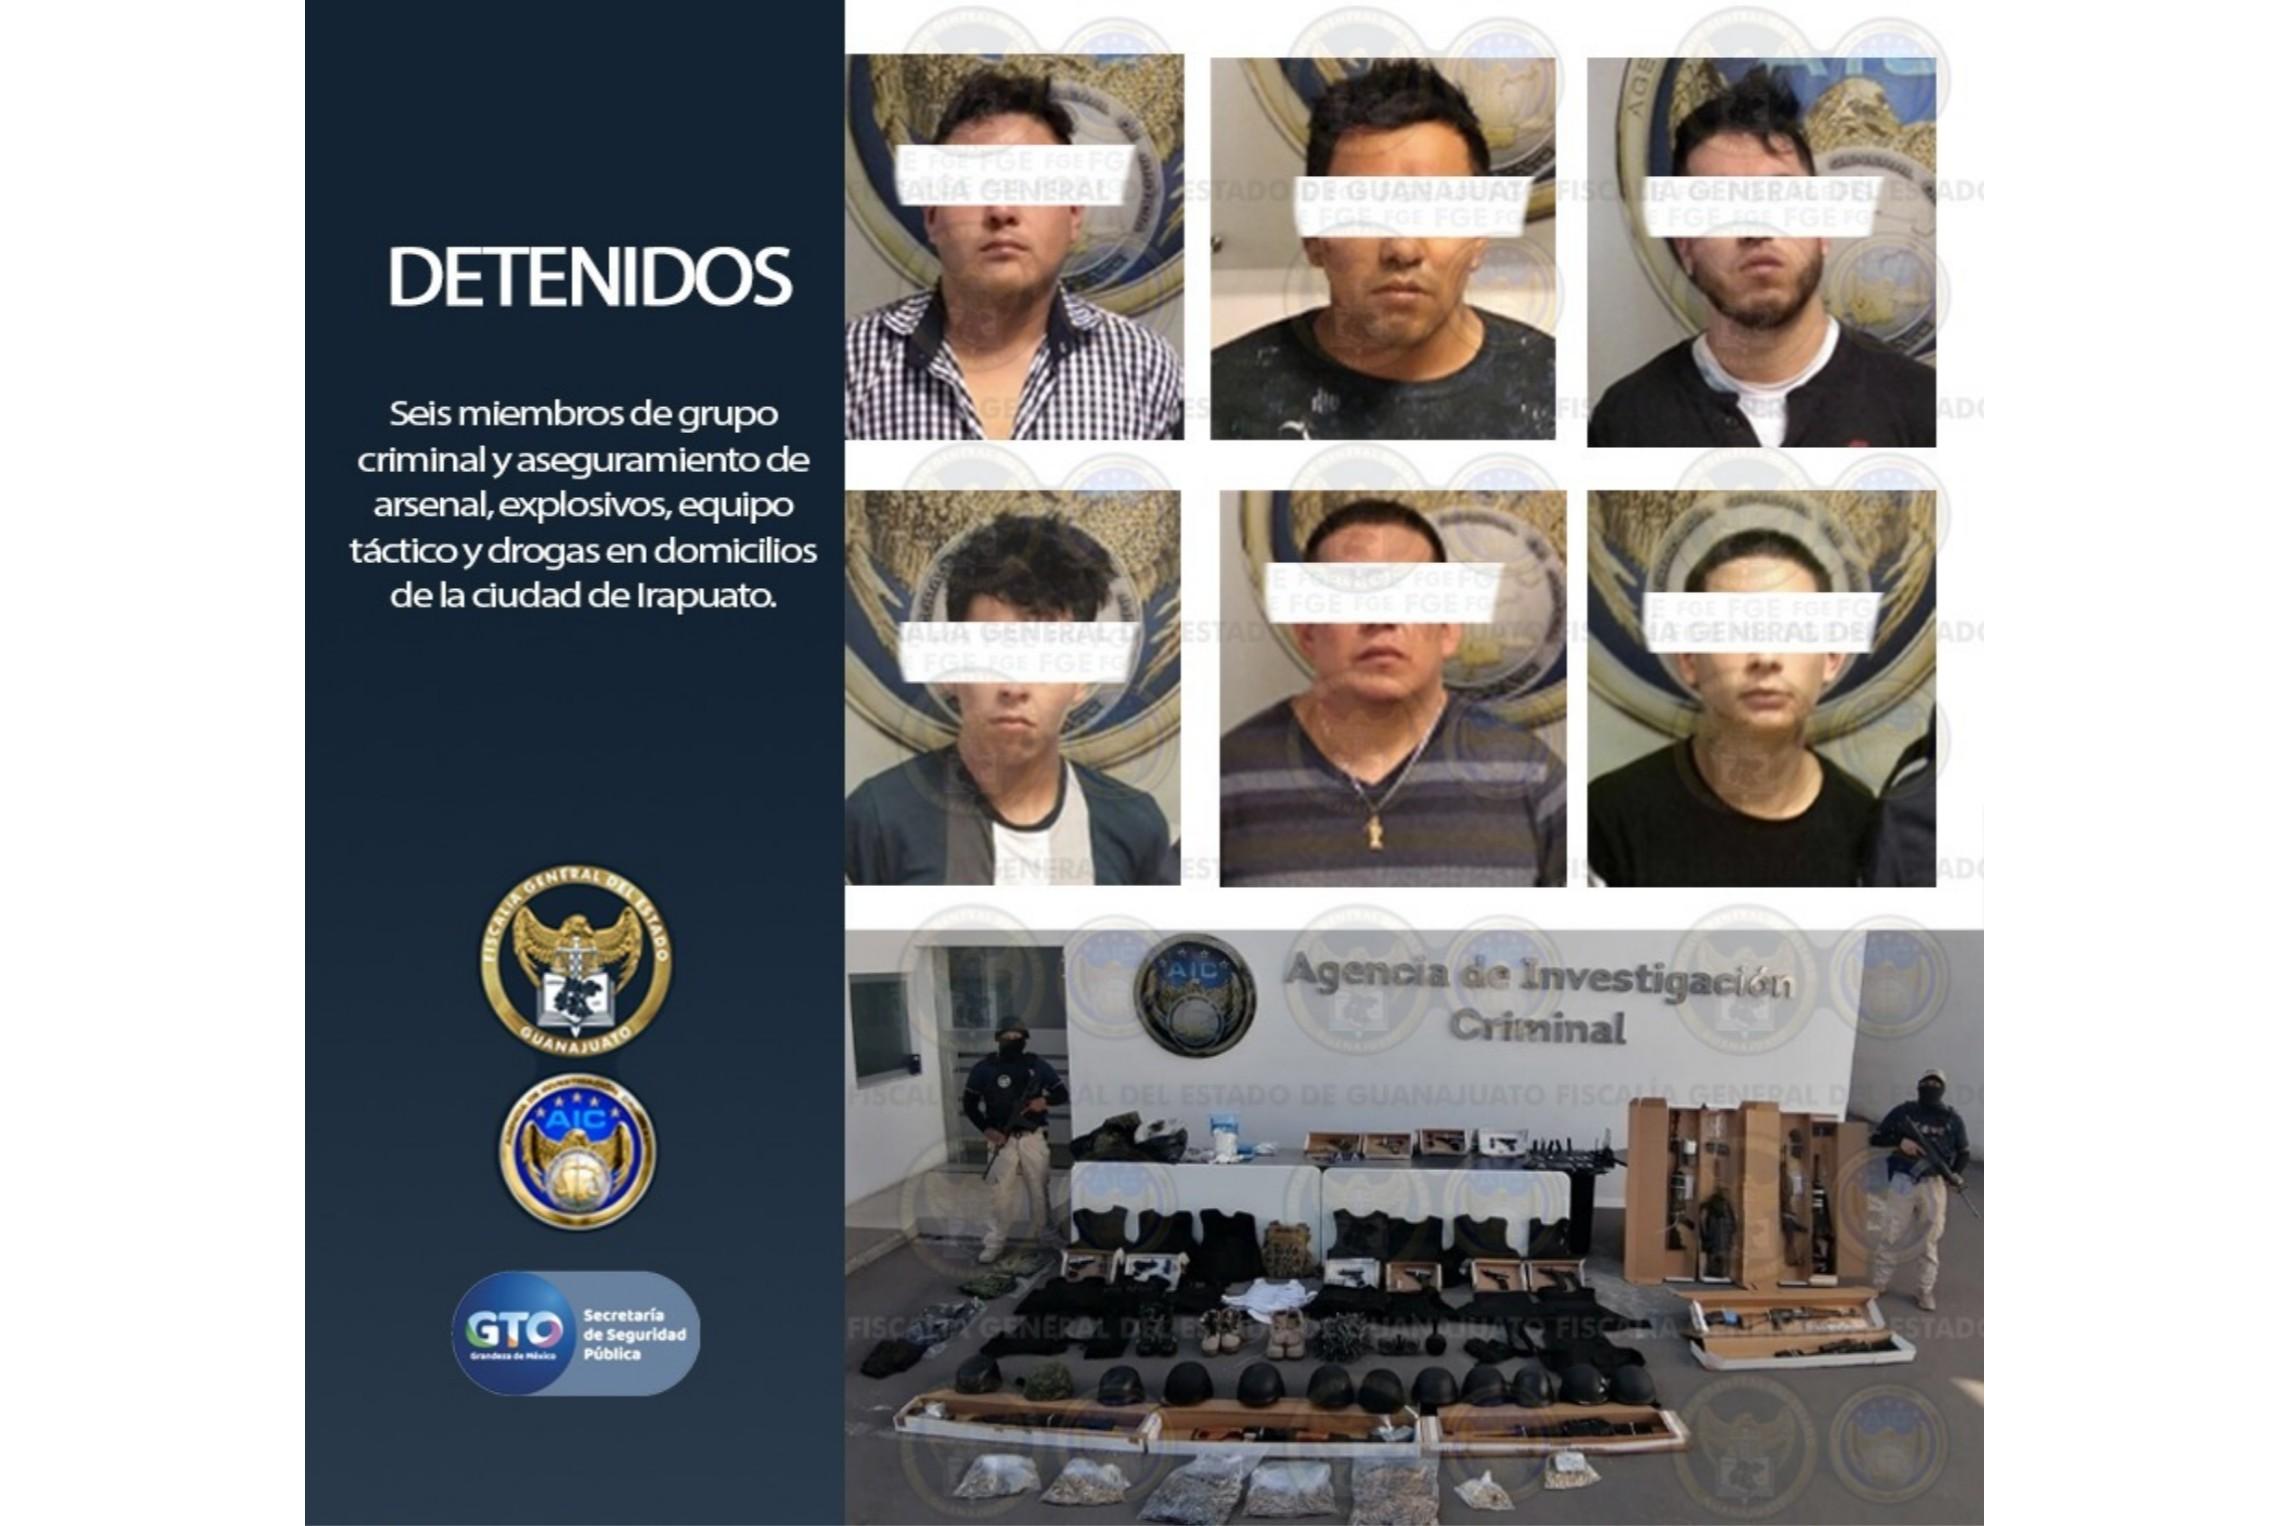 """Logran asegurar """"casas de seguridad"""" en Irapuato, deteniendo a 6 personas con arsenales, explosivos, equipos tácticos y drogas. 2"""